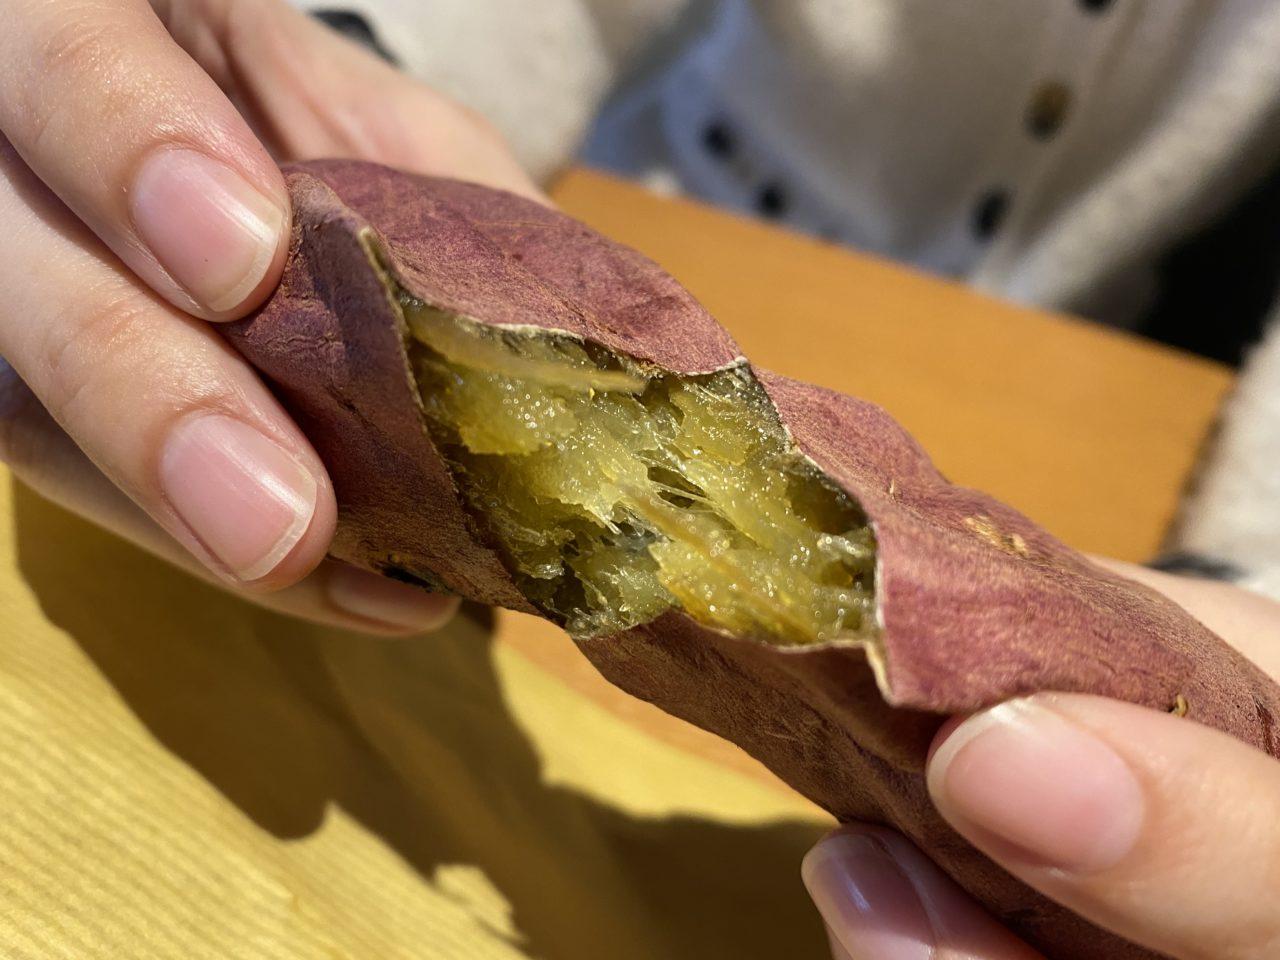 ホクホク、トロトロの焼き芋が食べられる!!姫路駅前、山陽百貨店の前で売ってる焼き芋がめちゃ美味しい!